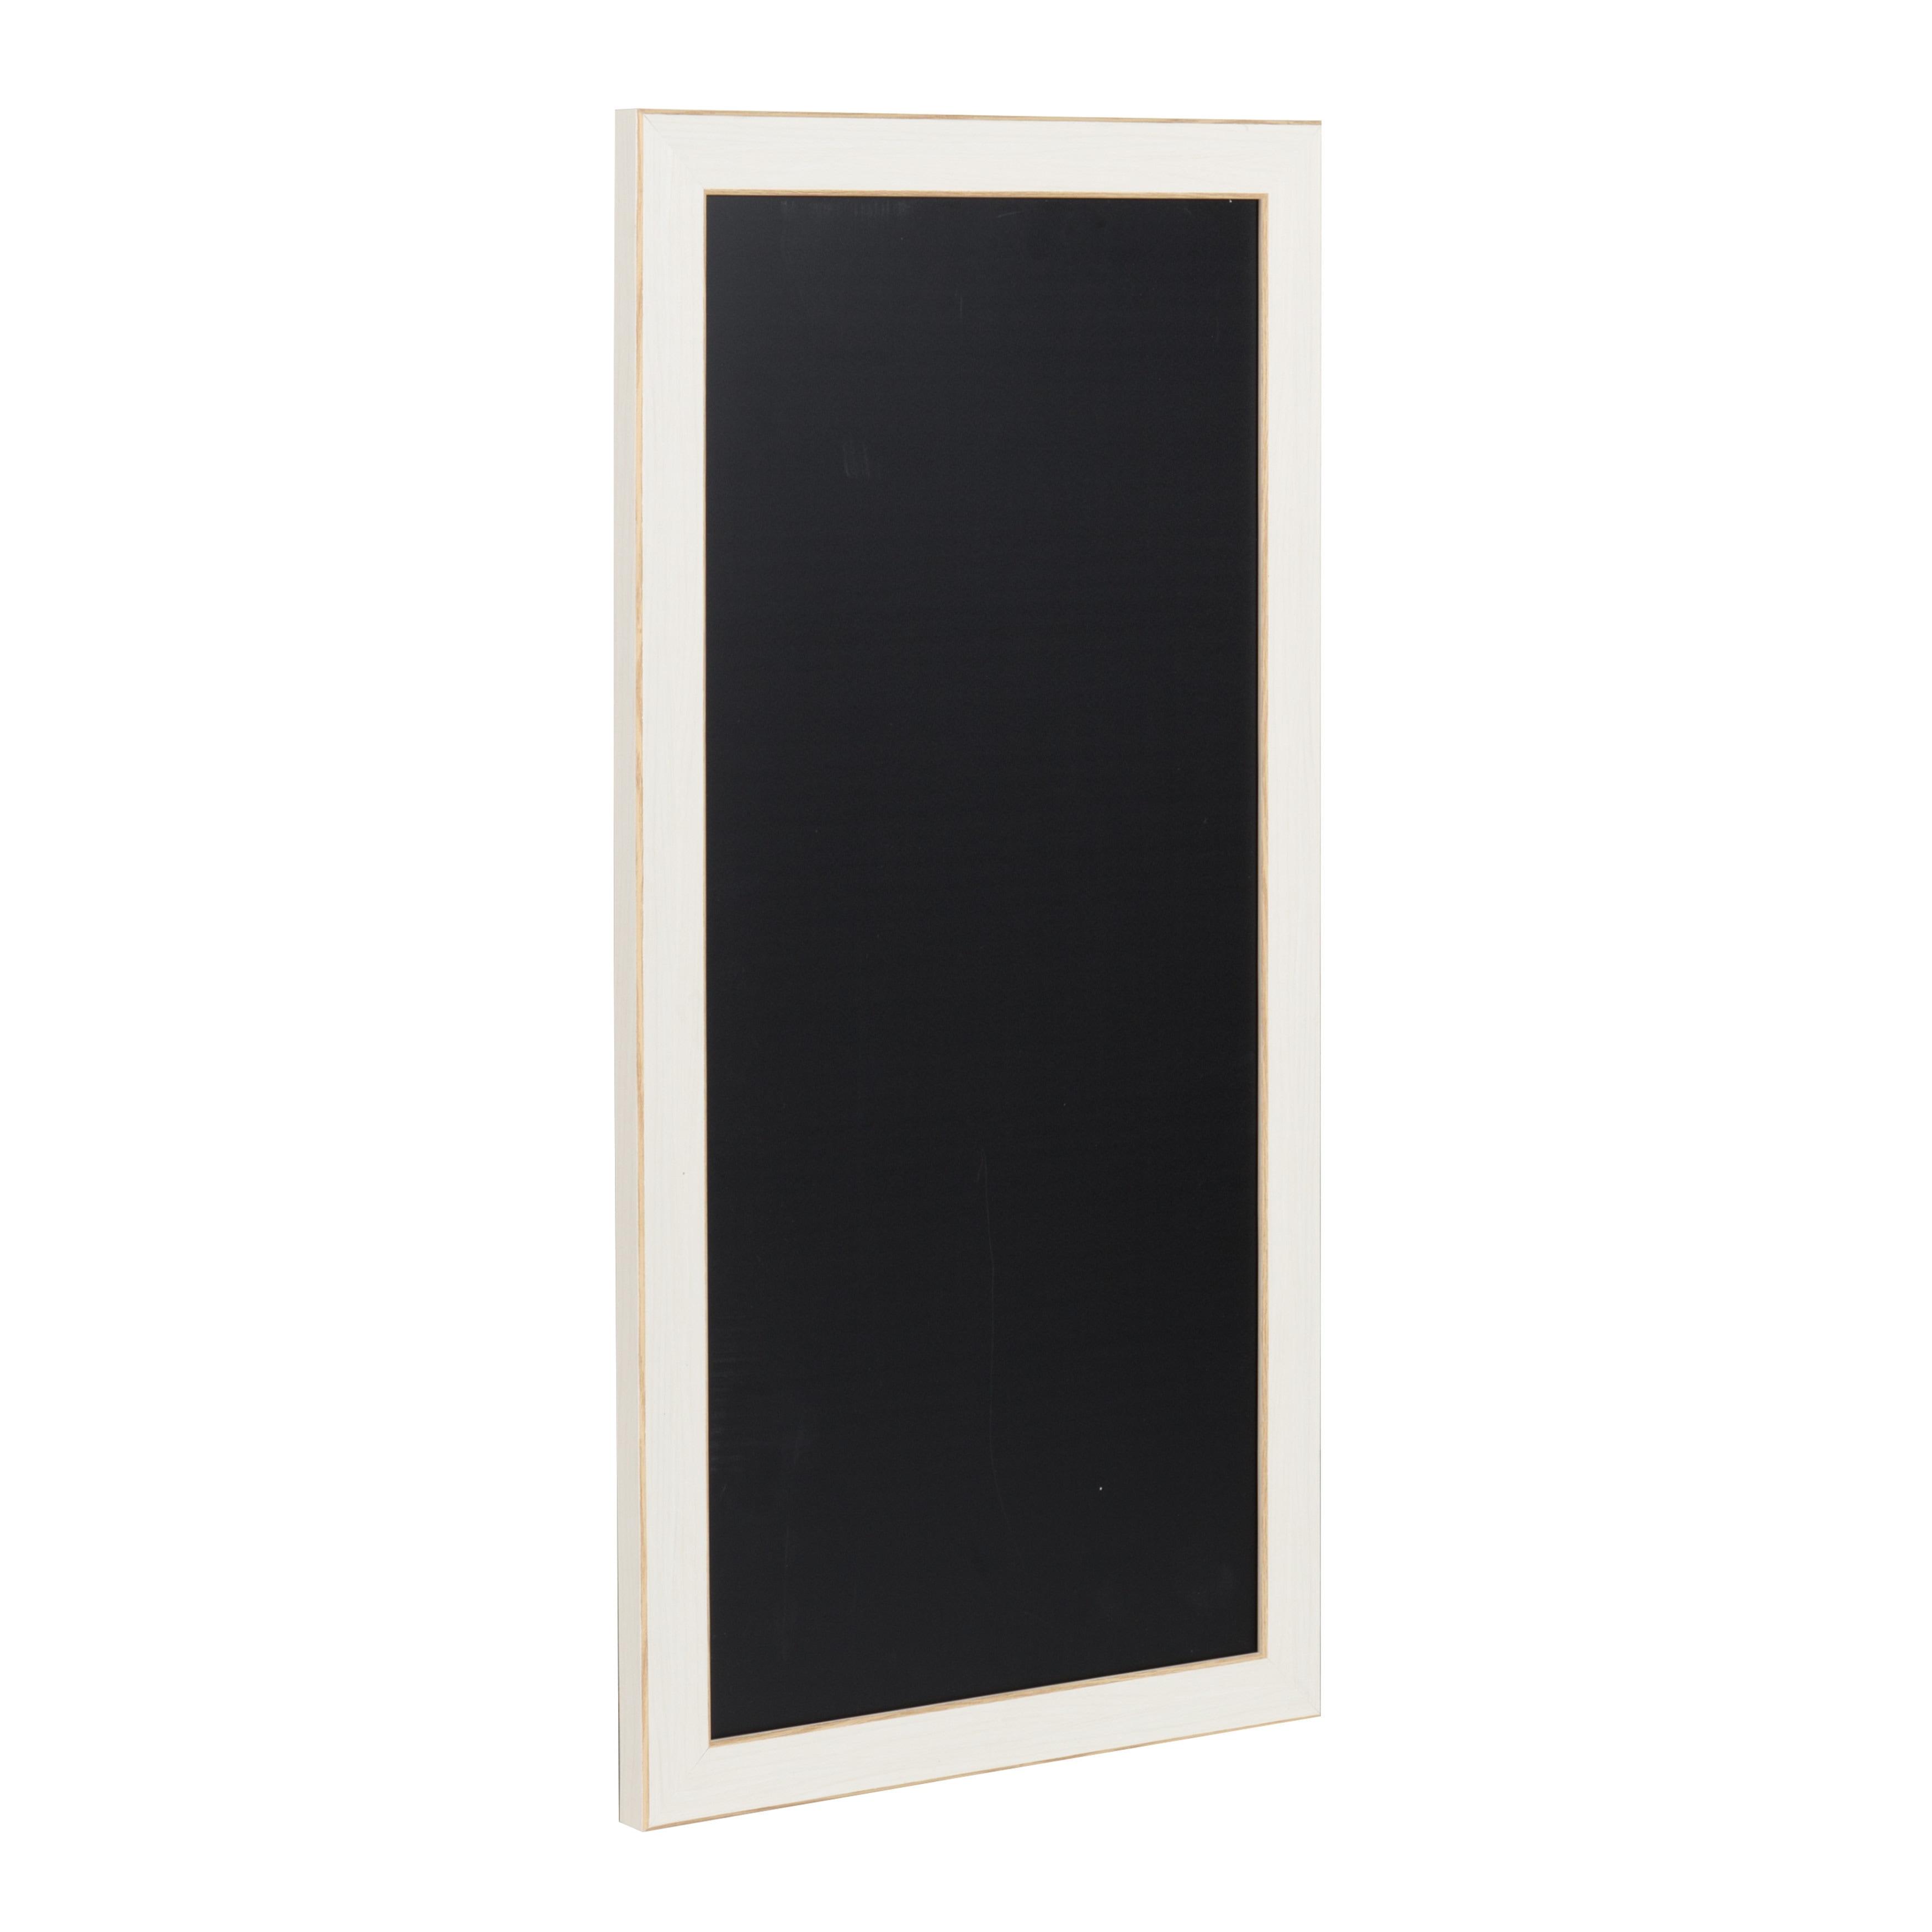 Shop Black Framed Magnetic Chalkboard - On Sale - Free Shipping On ...